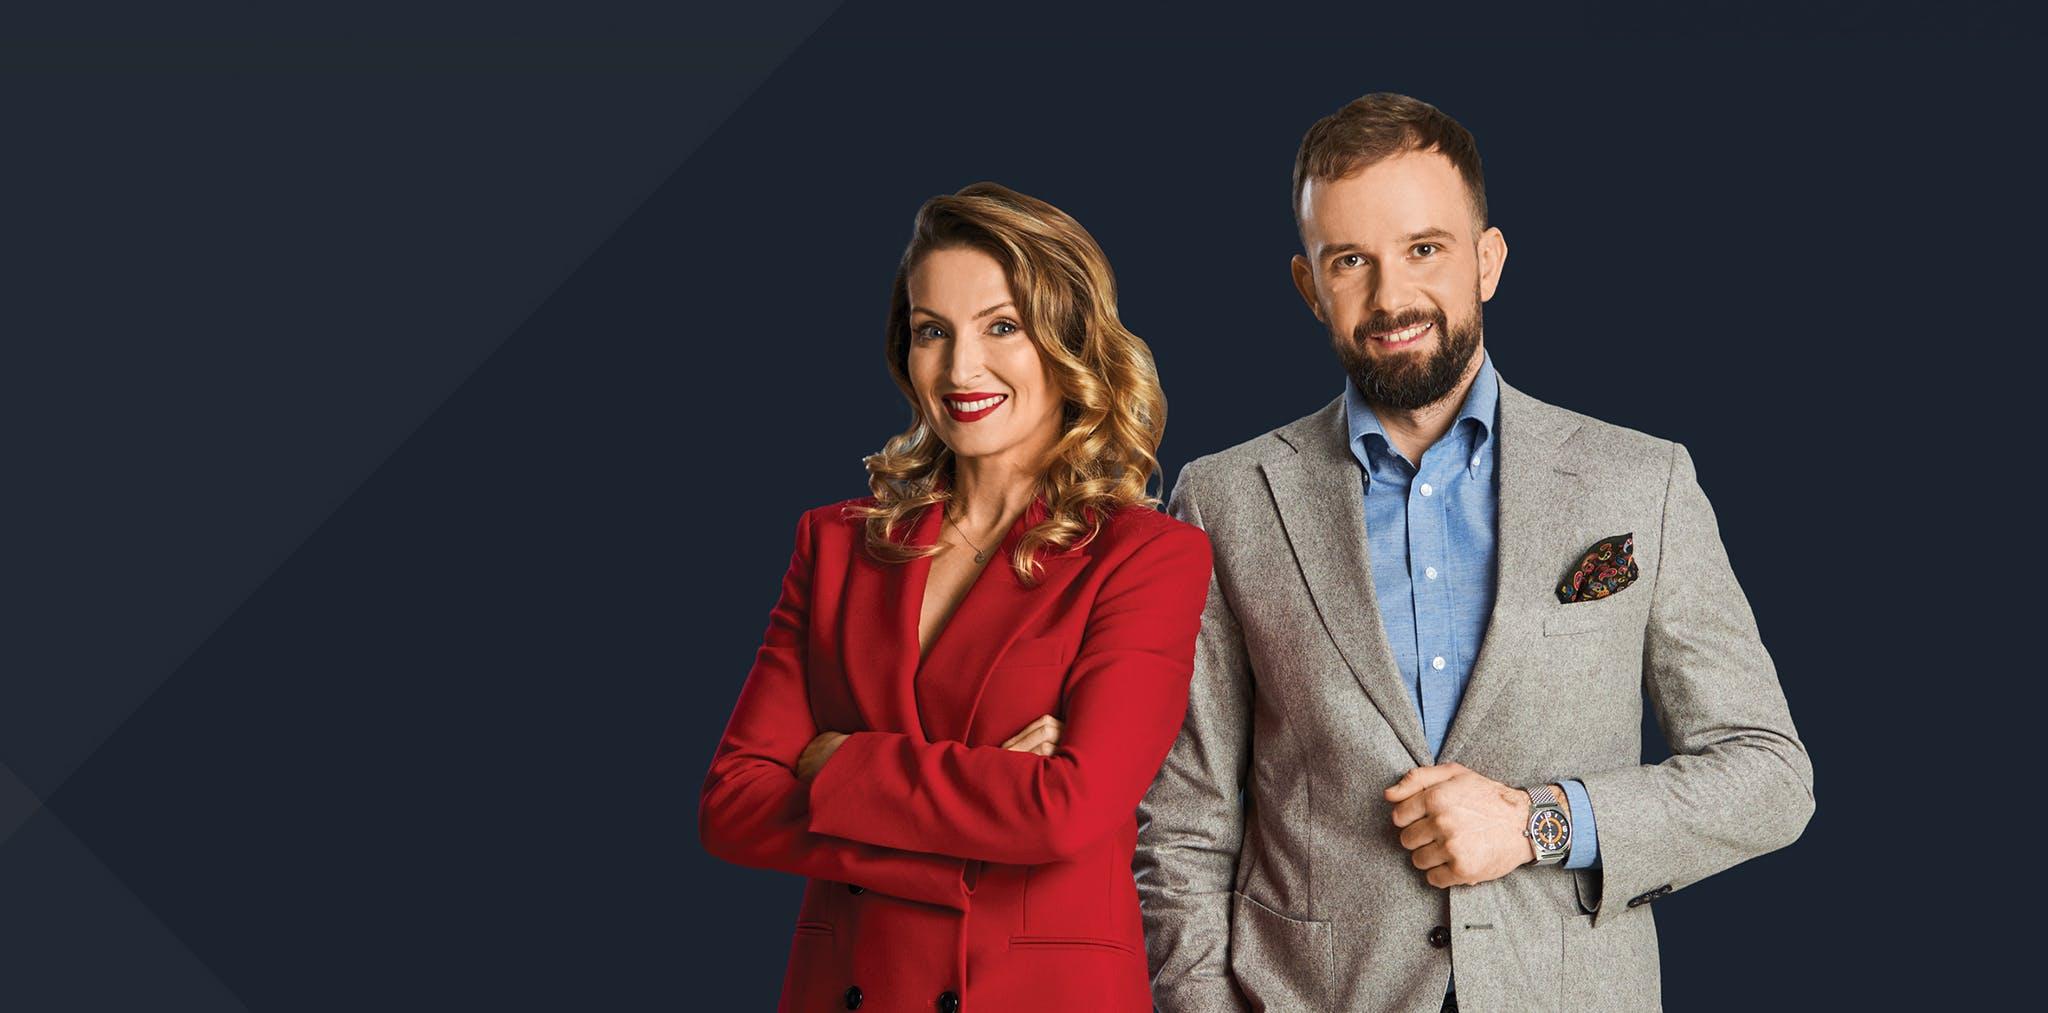 Lider Nieruchomości Otodom 2020, województwo mazowieckie: Partners International